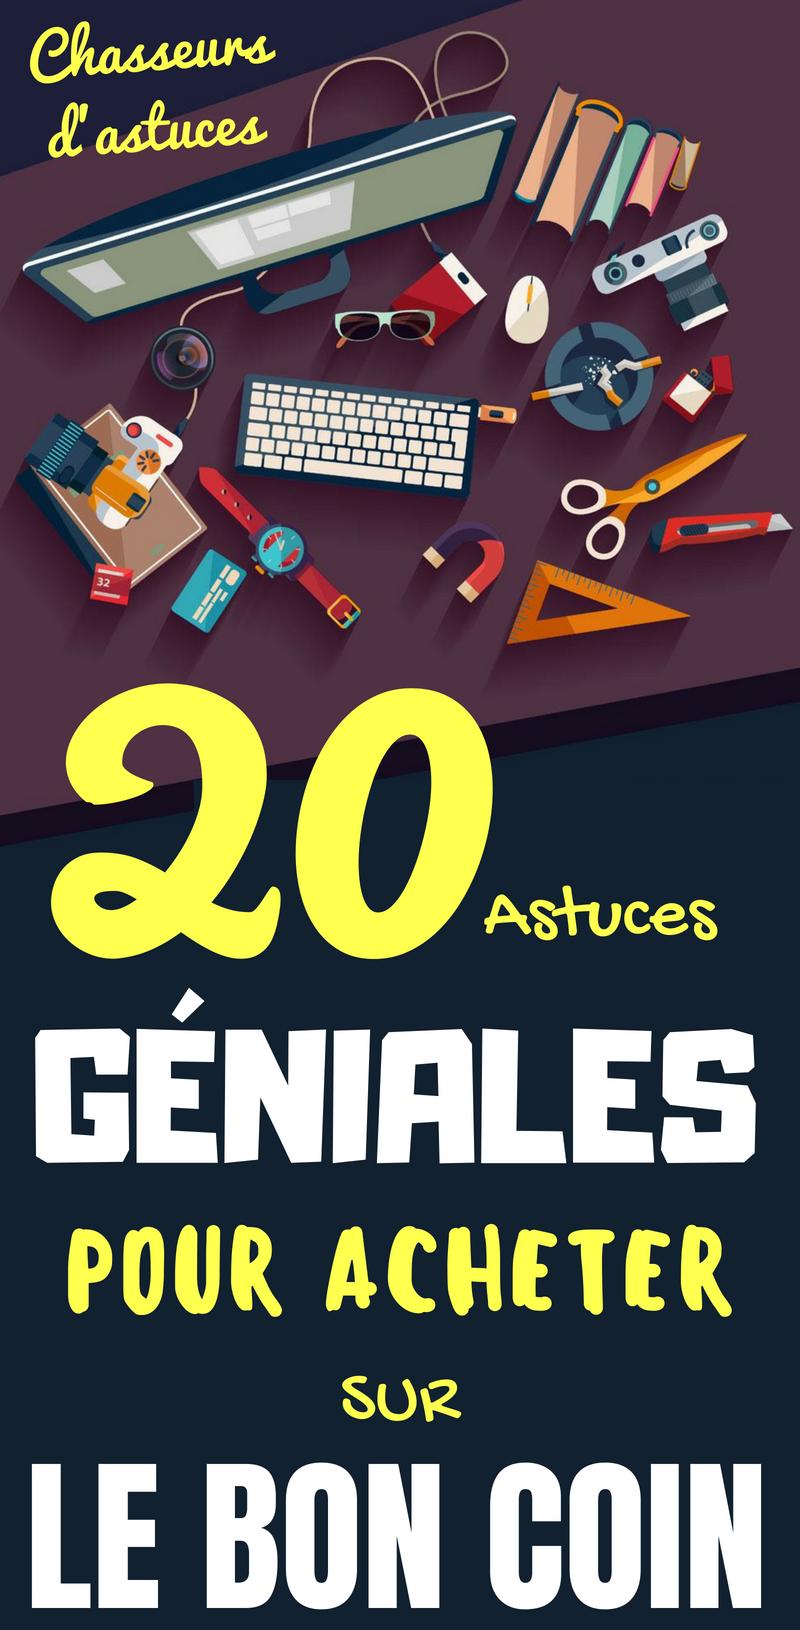 20 Astuces Geniales Pour Acheter Sur Le Bon Coin Avec Images Les Bons Coins Astuces Astuces Pour Faire Des Economies